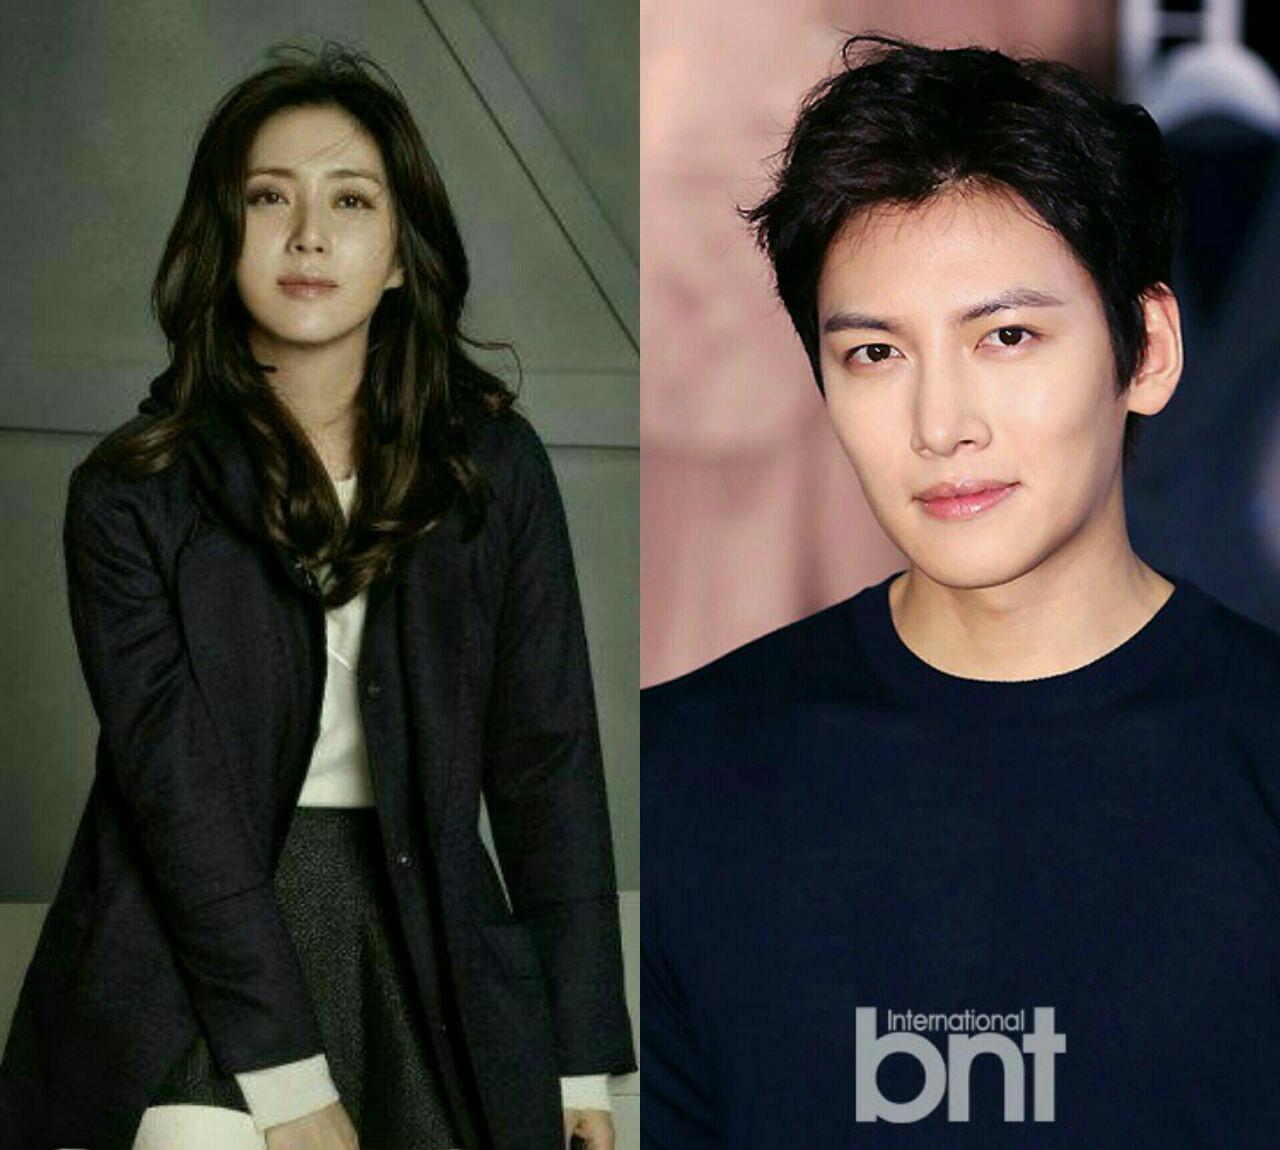 سریال جدید K2 از شبکه tvN با بازی جی چانگ ووک